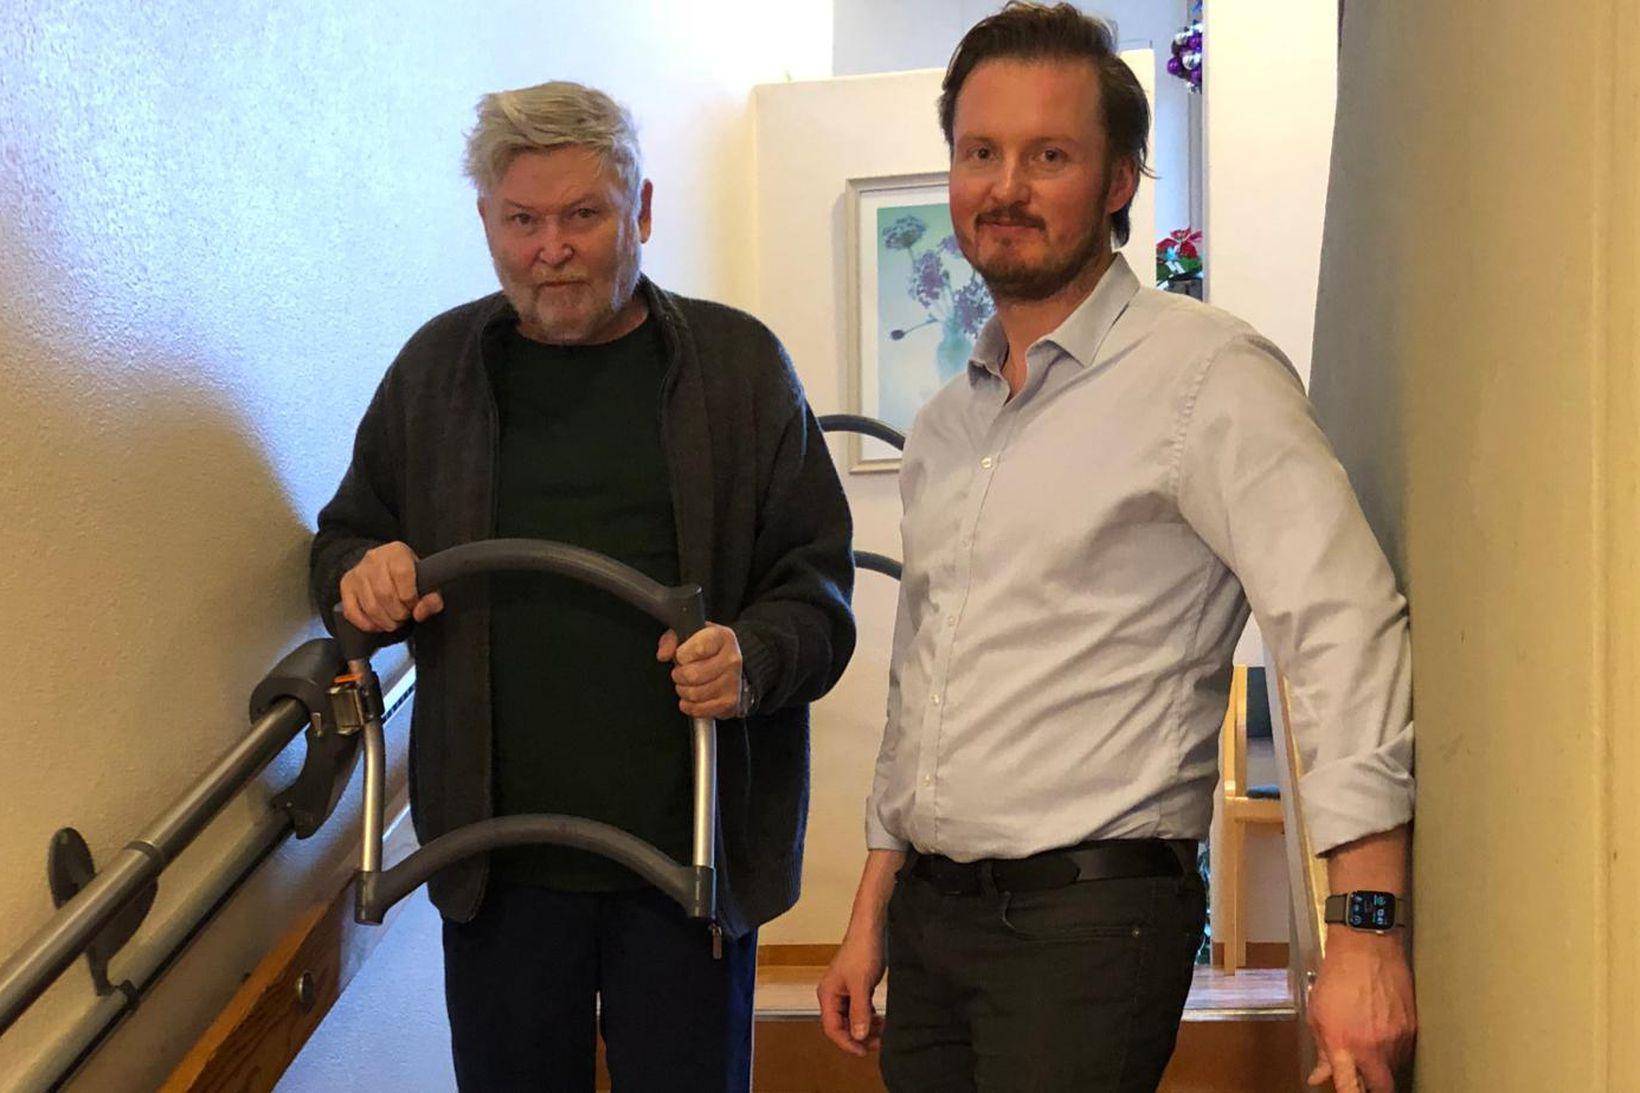 Bragi Kristinsson, íbúi á Norðurbrún 1, prófar stigahjálpina undir handleiðslu …